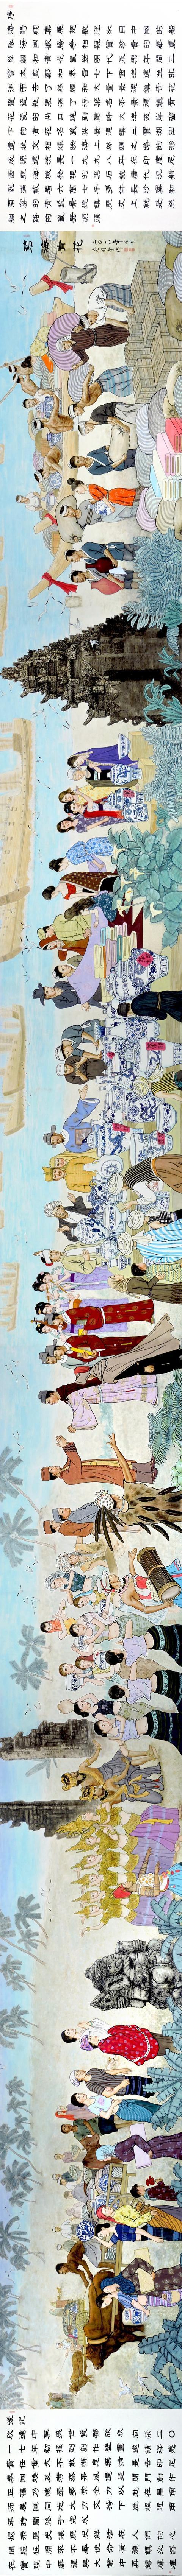 穿越时空的历史画卷一一詹明荣创作古代丝绸之路长卷《碧海青花》